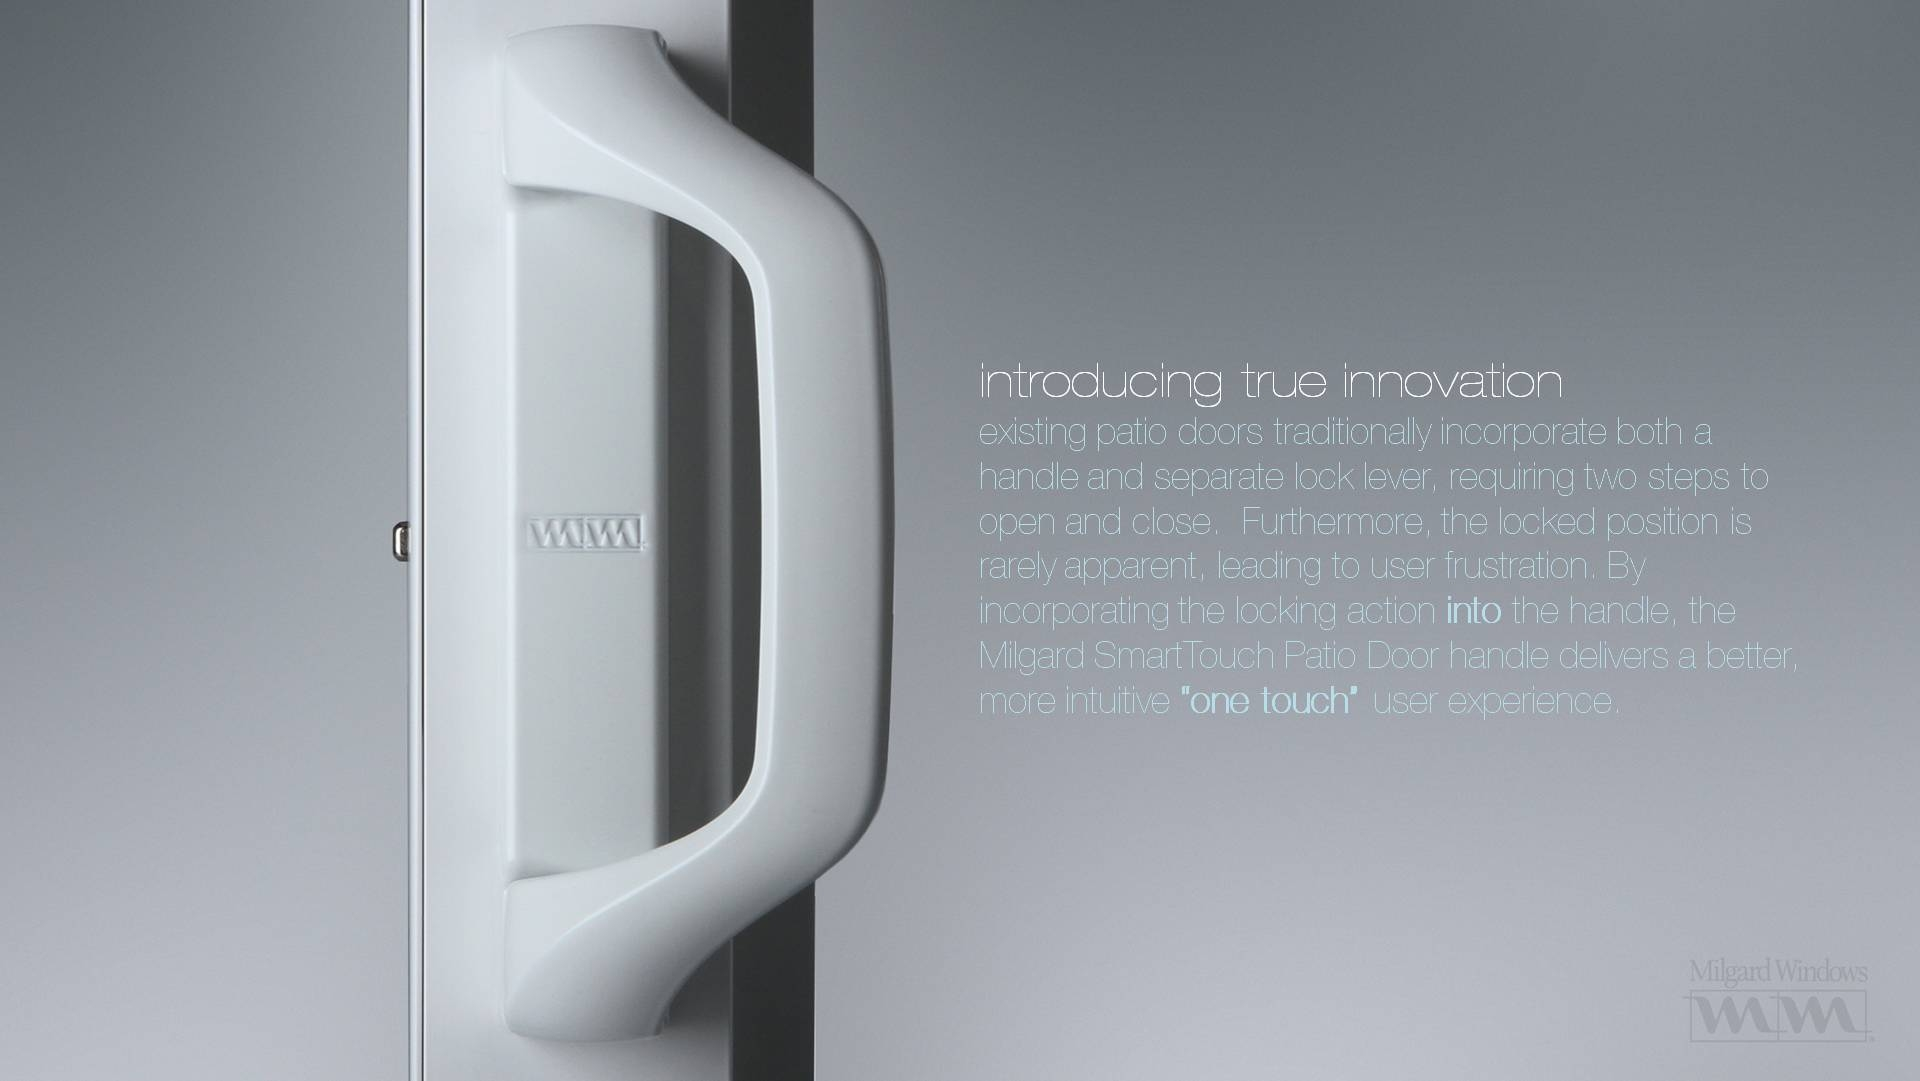 Milgard Sliding Glass Door Hardwaremilgard smarttouch sliding glass door handle tim hulford at